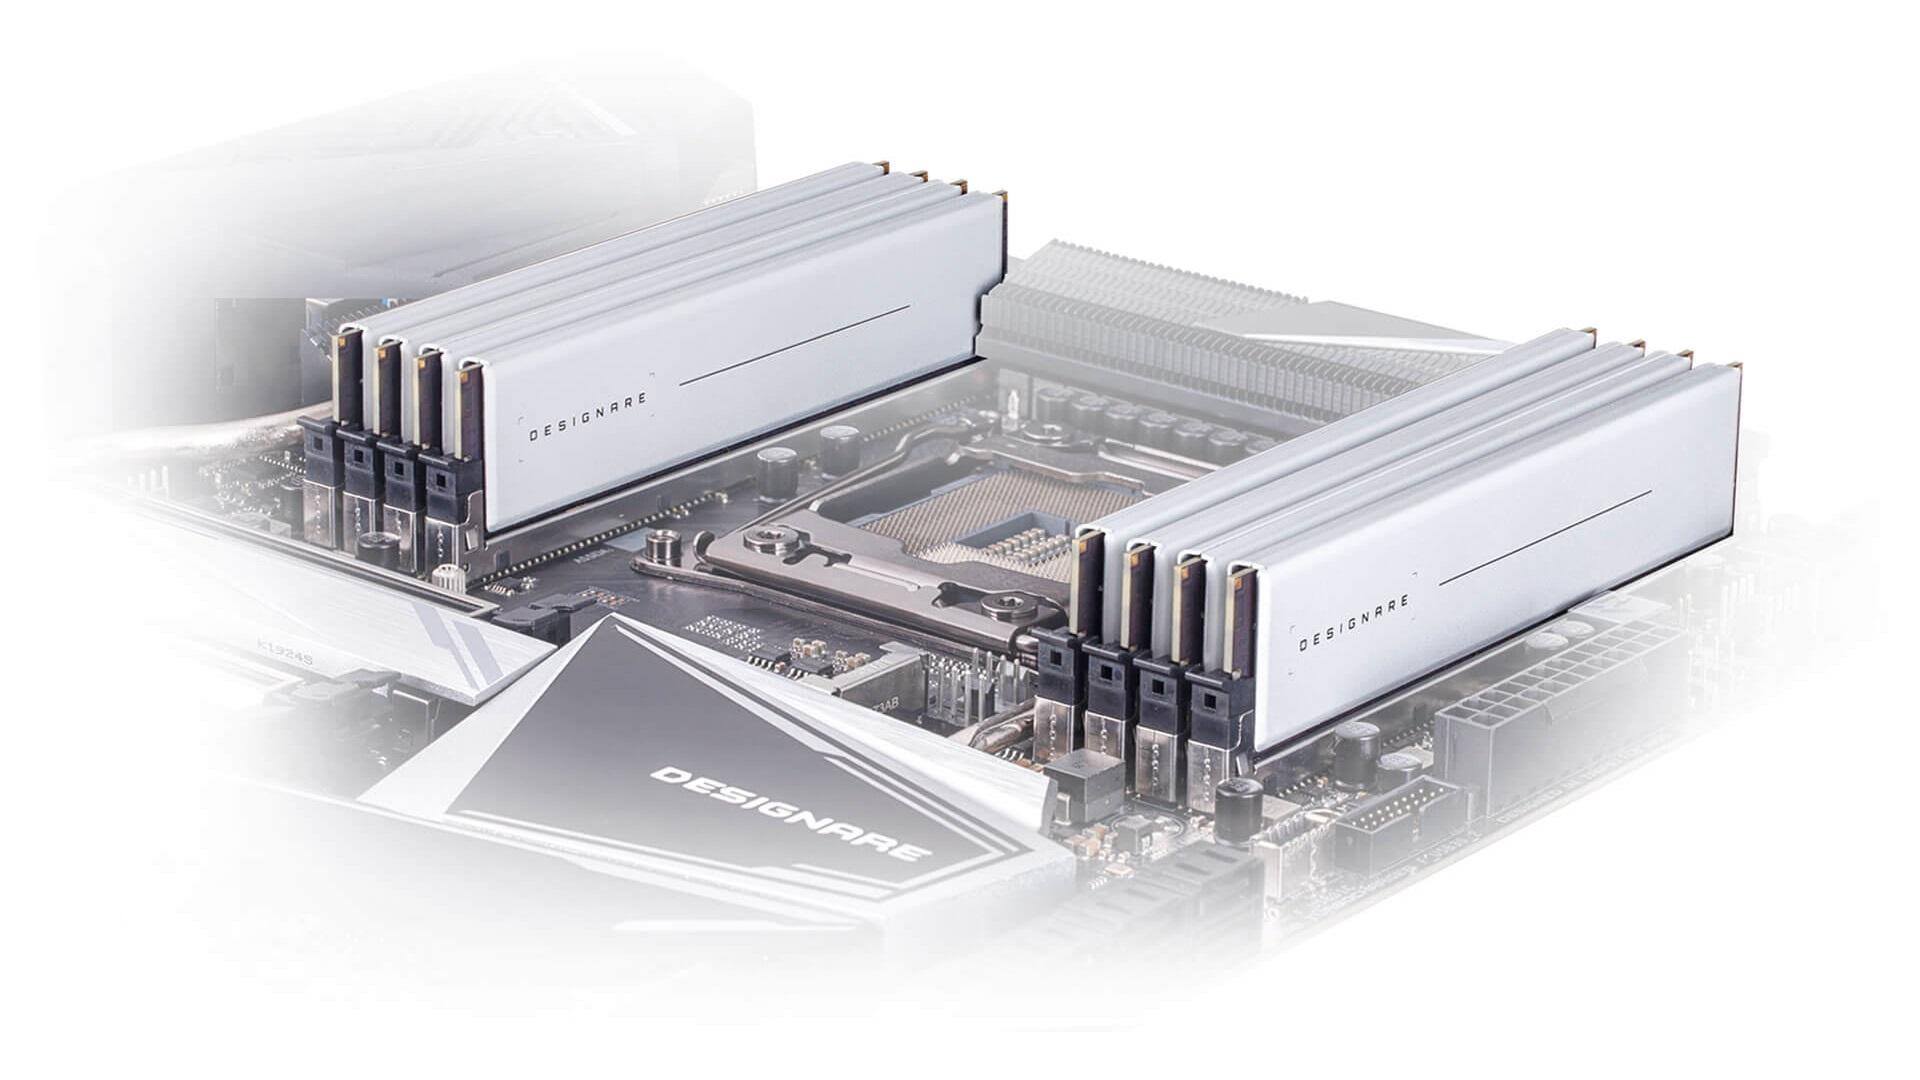 Gigabyte Designare RAM